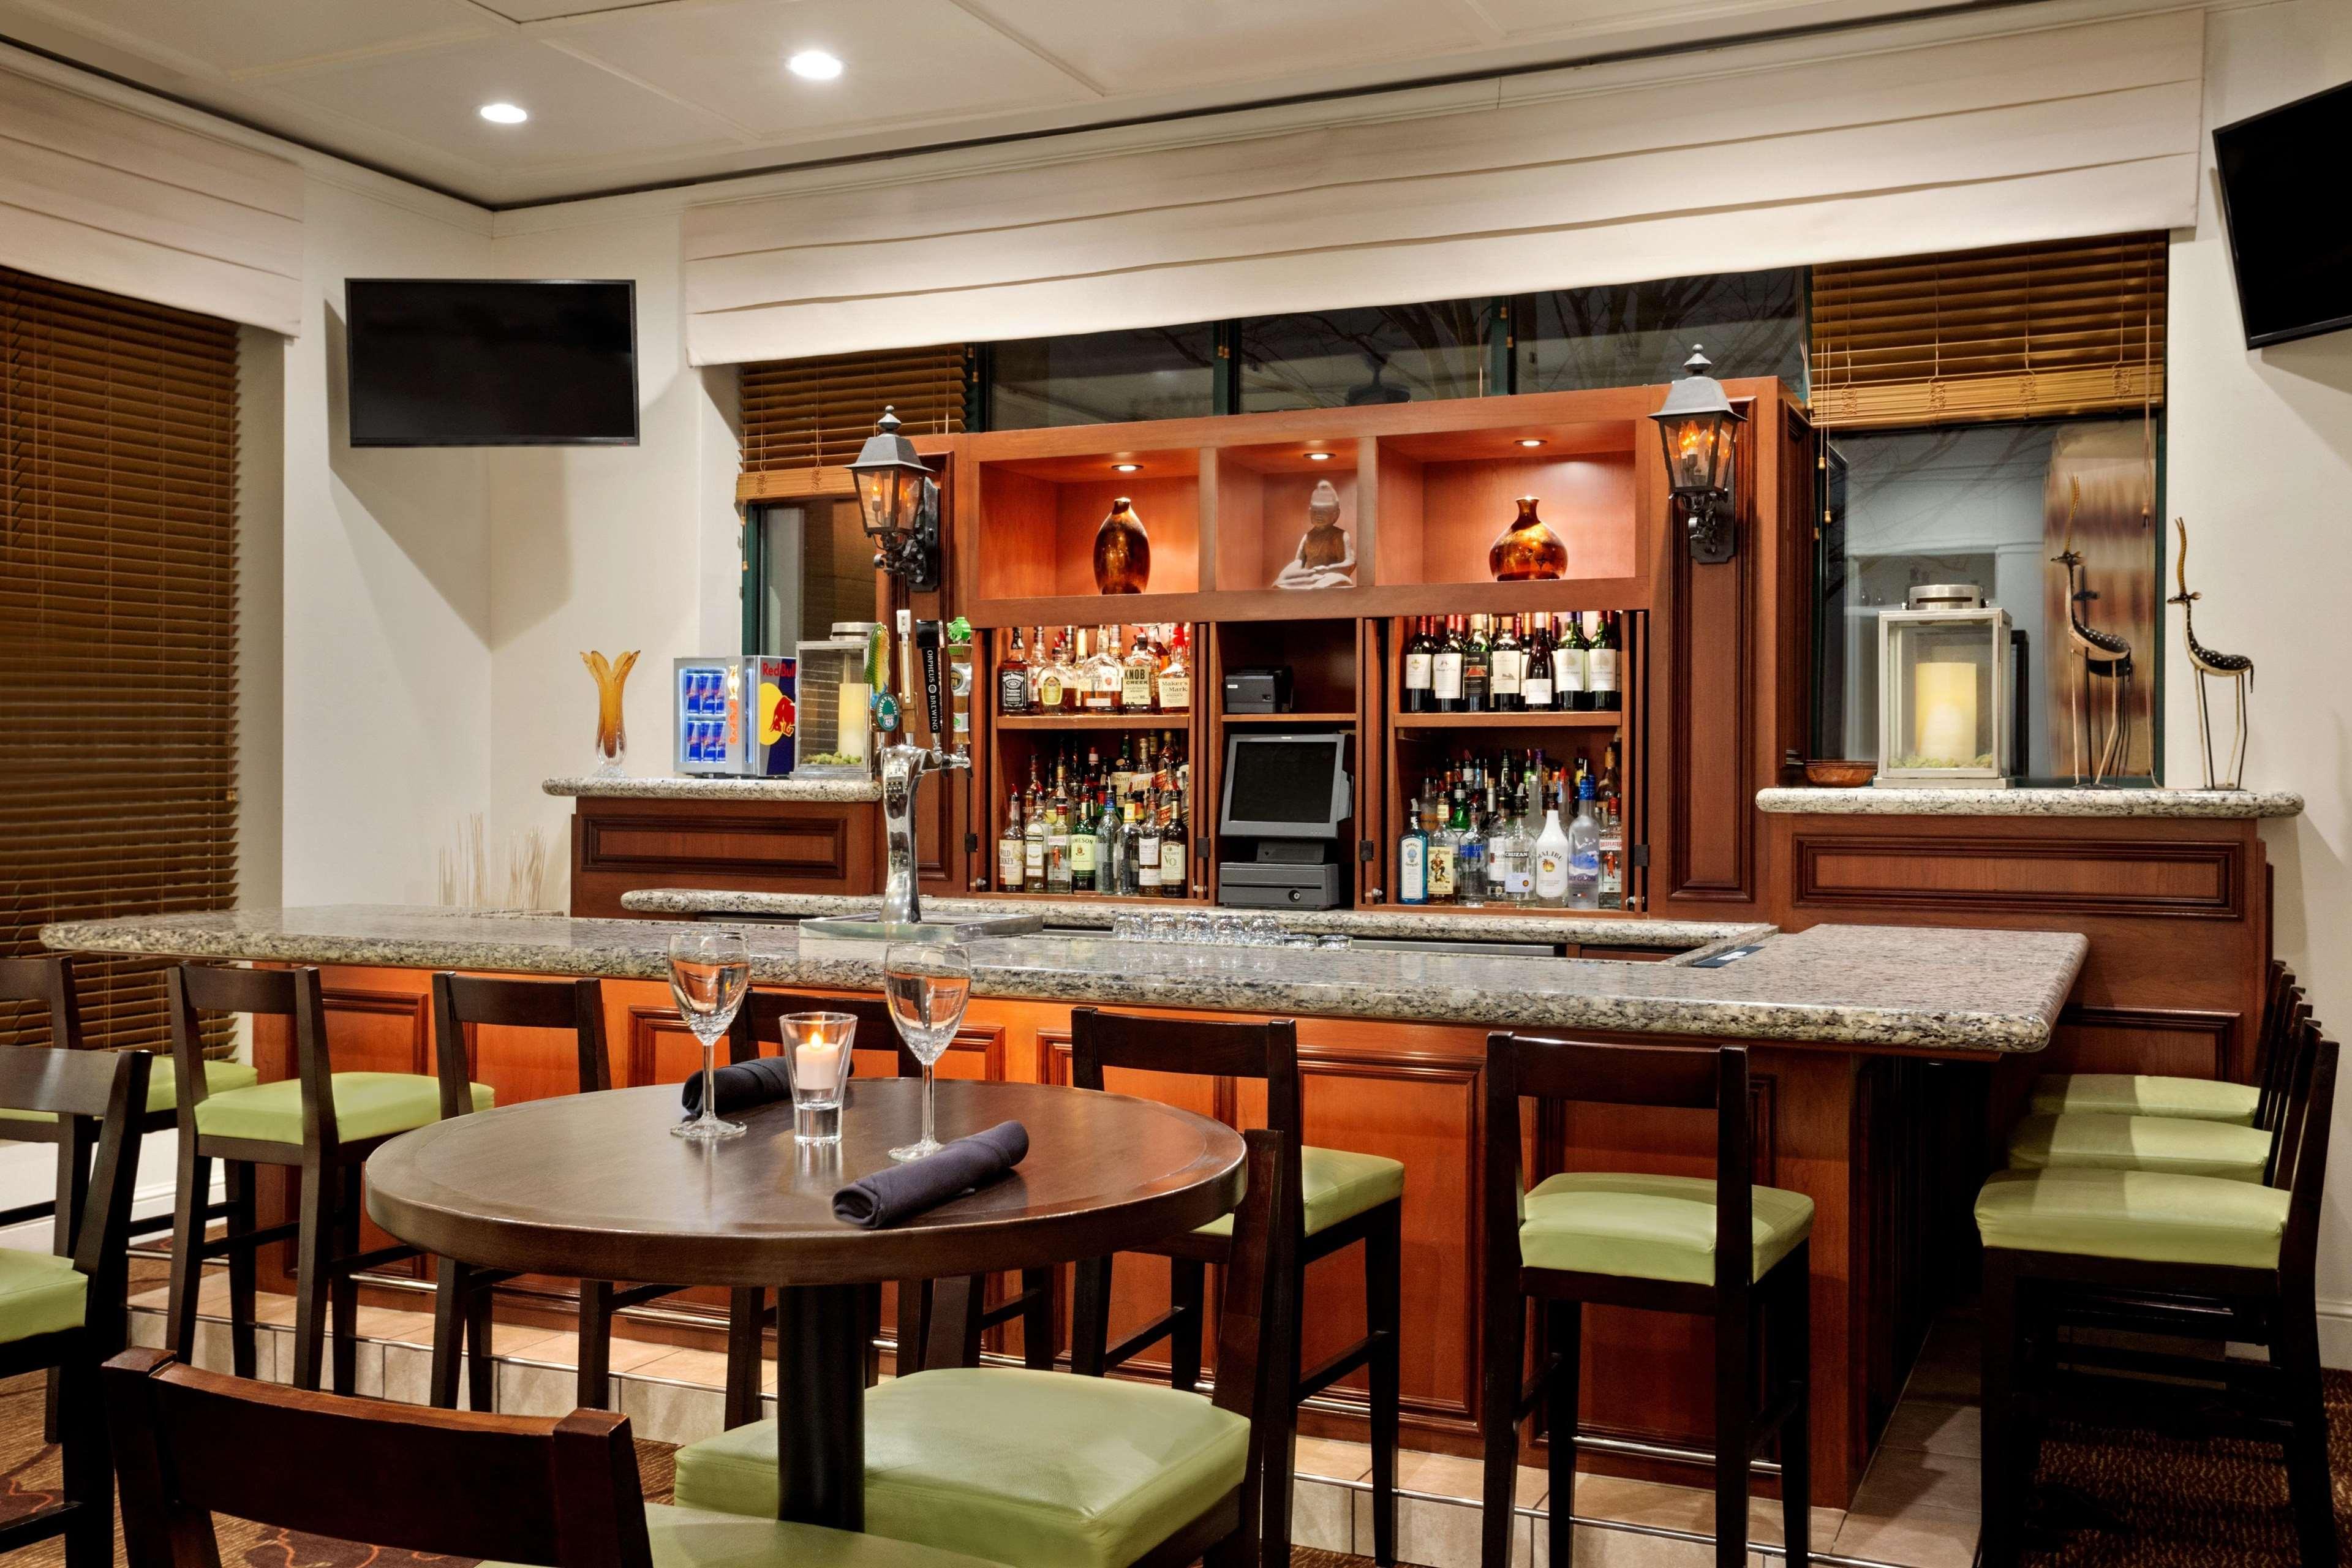 Hilton Garden Inn Atlanta Perimeter Center image 11